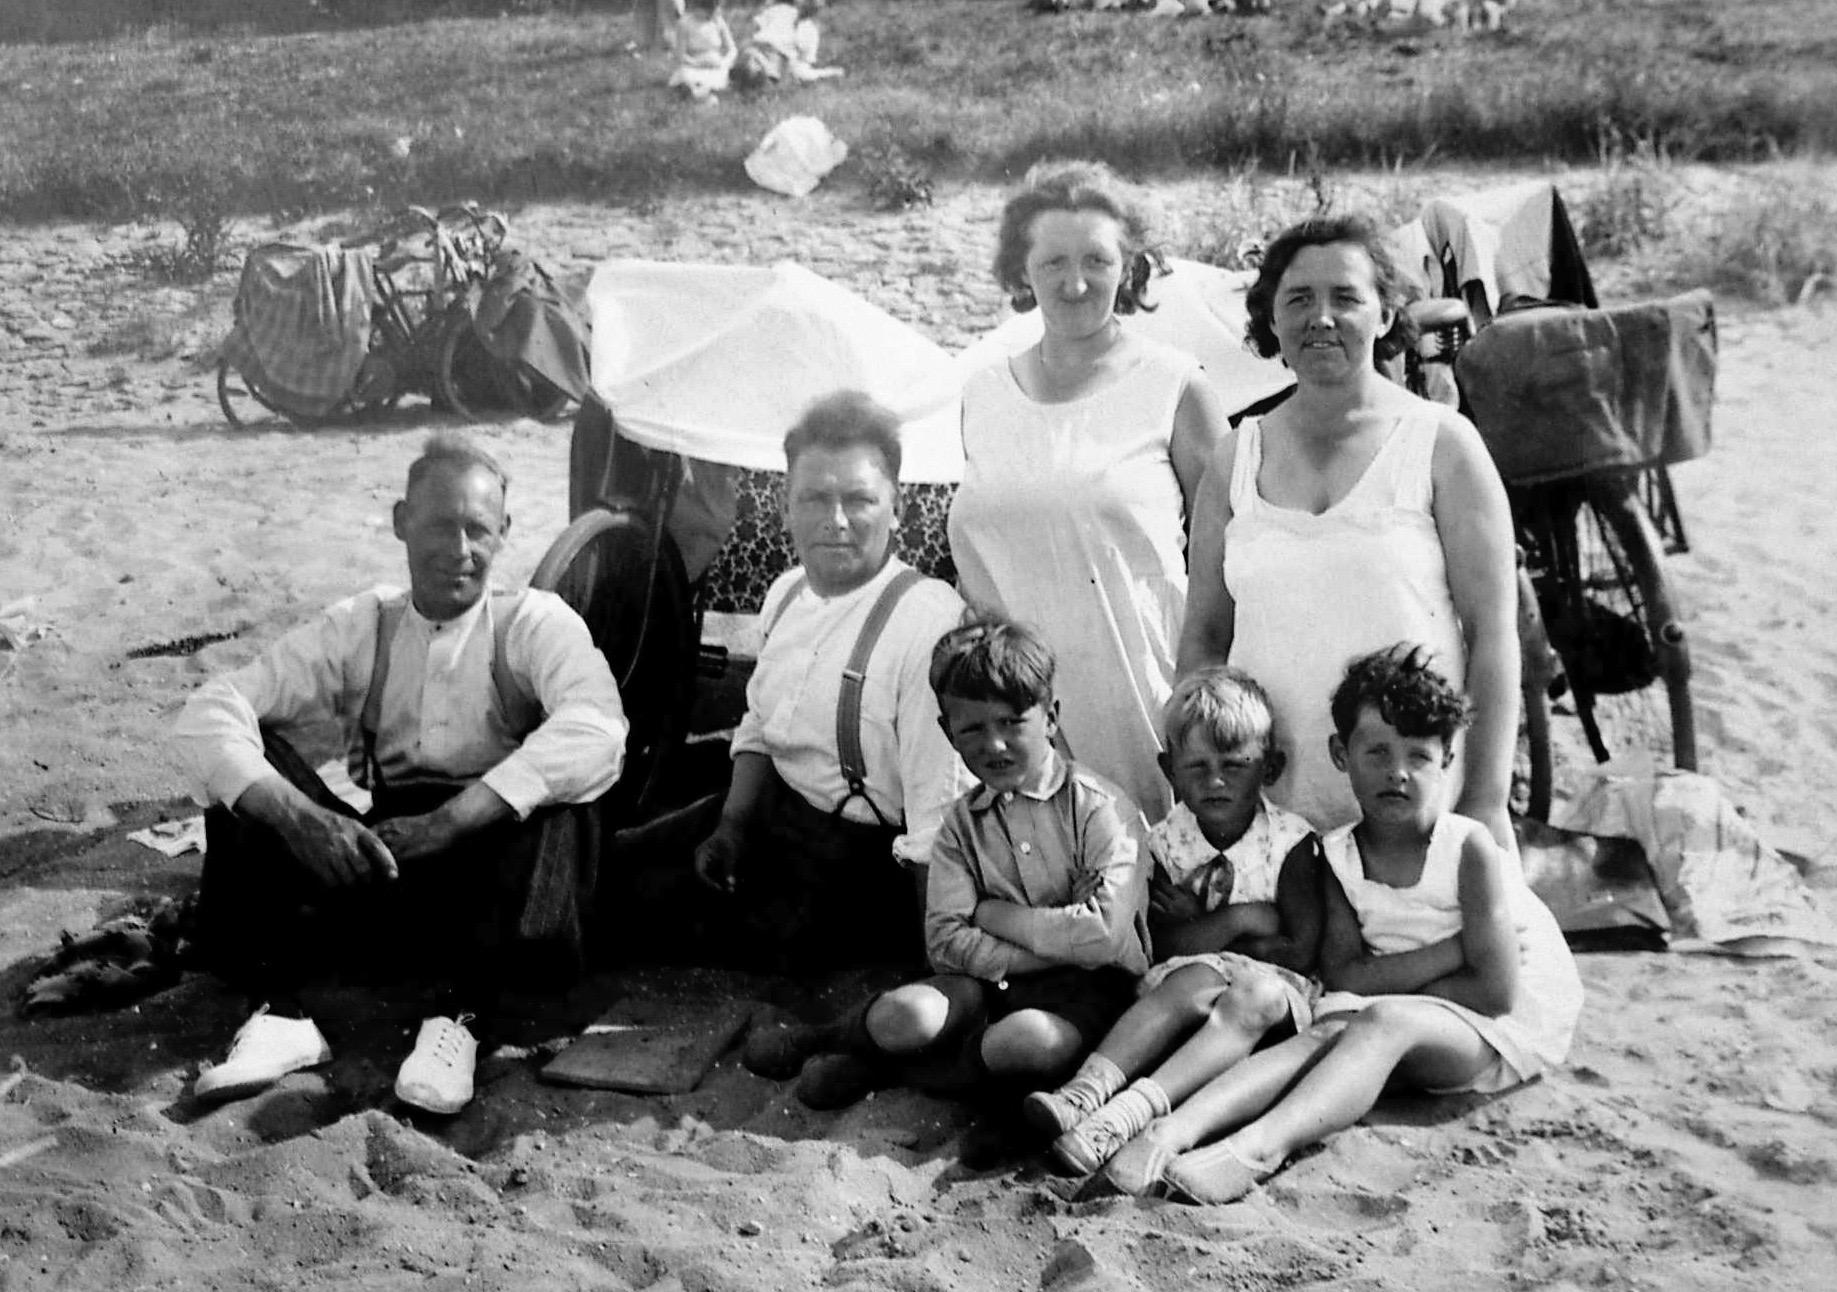 Hoe brachten onze (over)grootouders de warme zomerdagen door? Stuur ons uw plaatjes van 'ouderwetsch vakantievermaak'